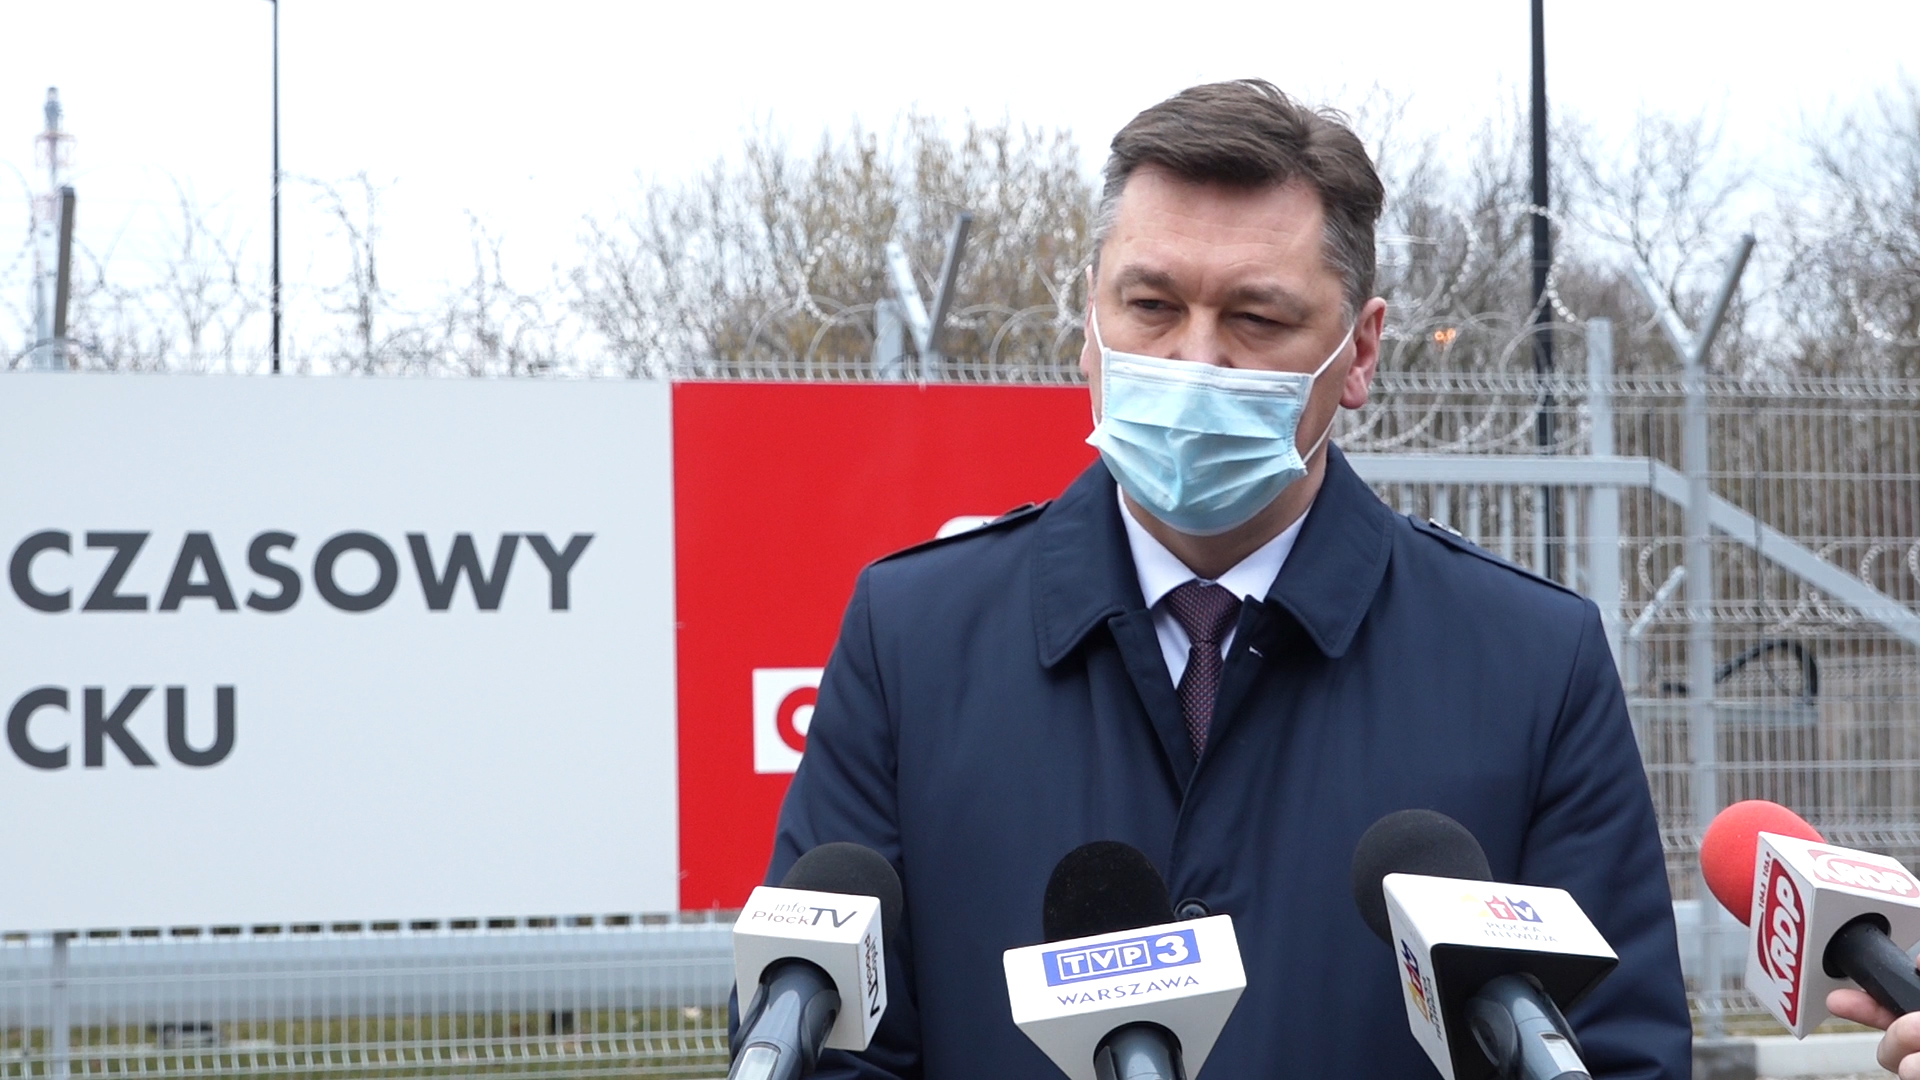 Senator PiS: Szpitale tymczasowe mają sens. Nie rozumiem ataków opozycji - Zdjęcie główne